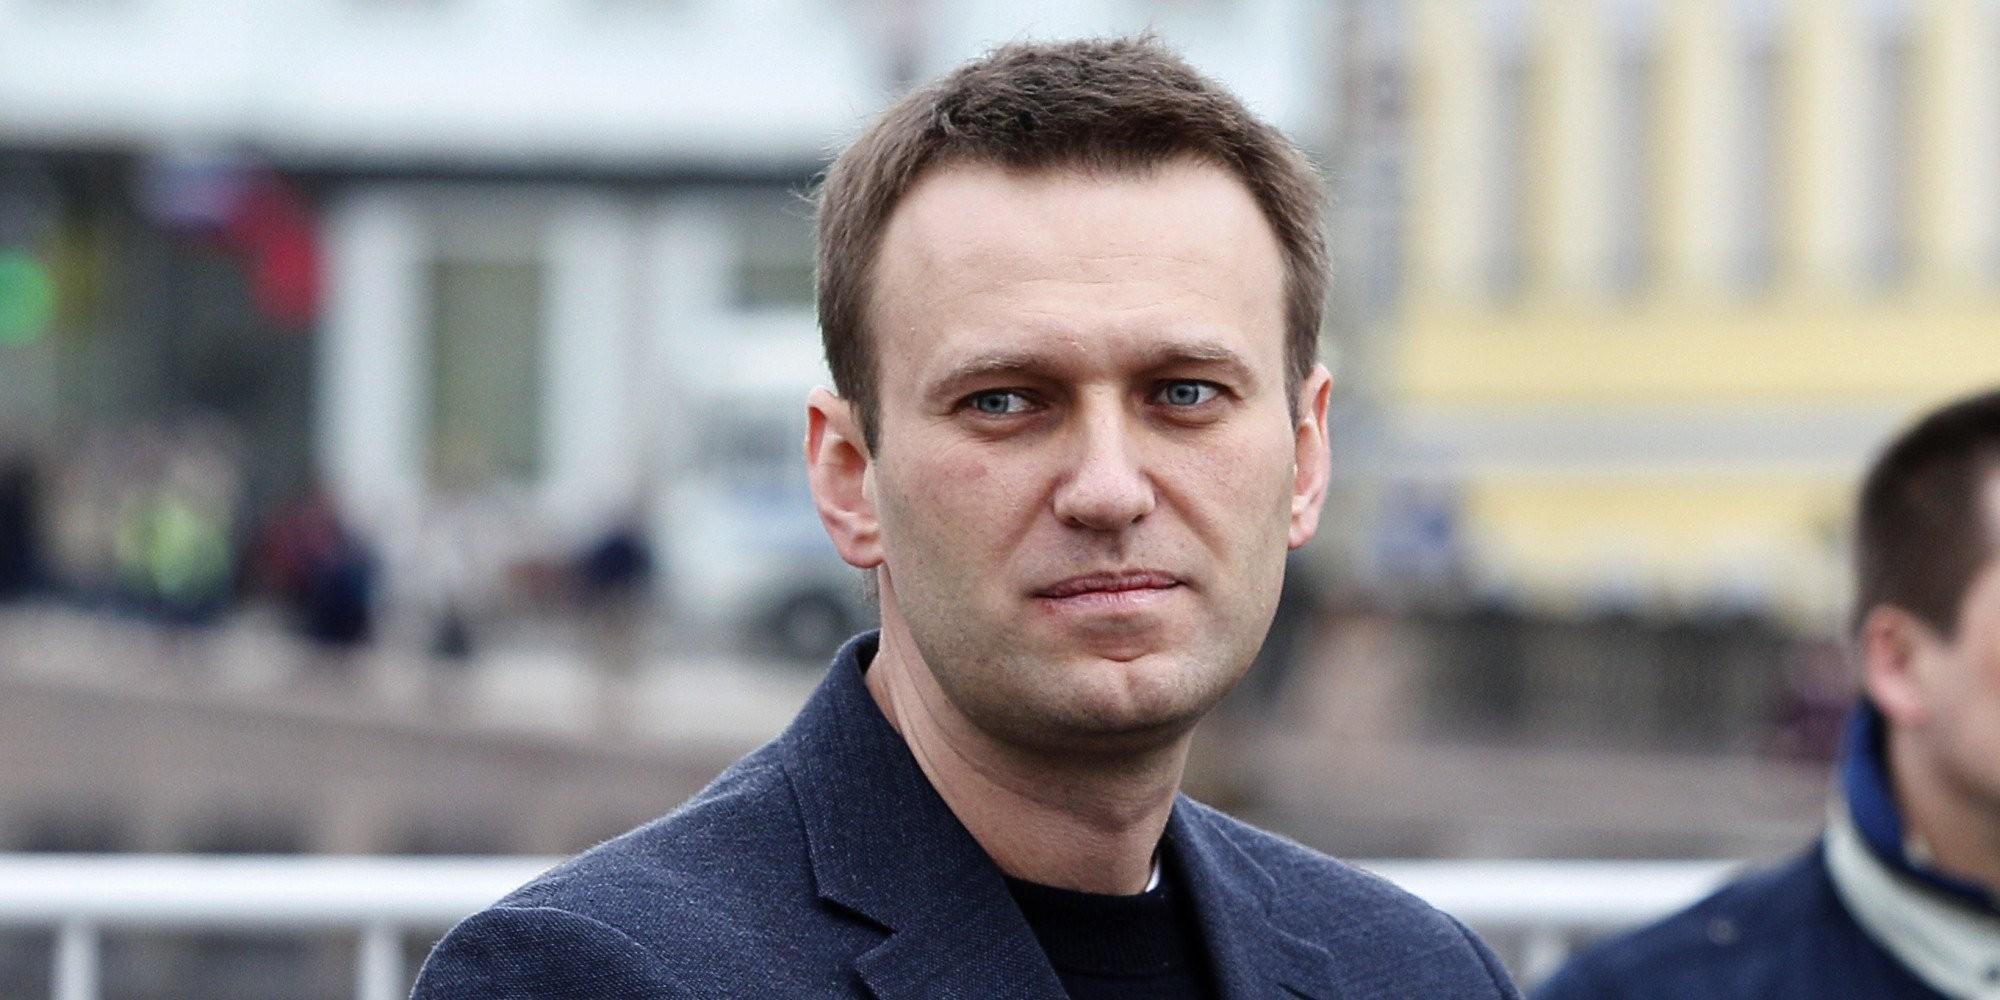 Железняк проинформировал о попытках его шантажировать отимени Навального